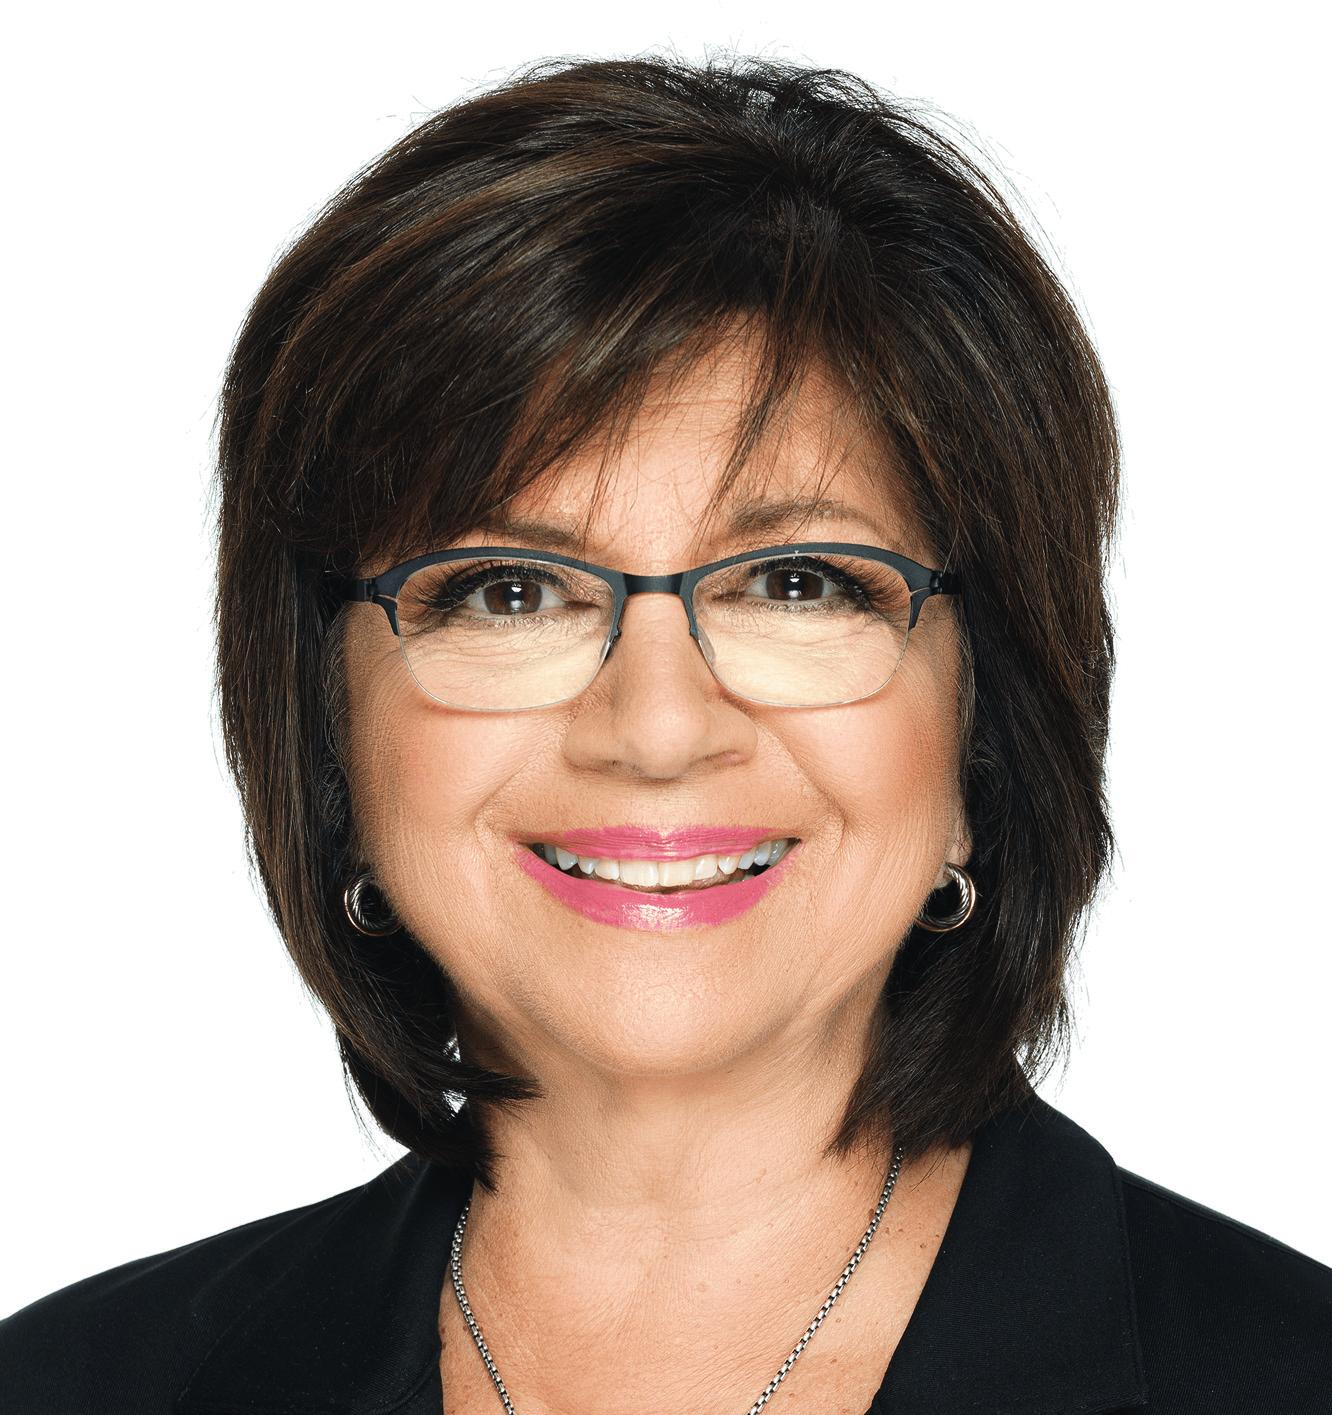 Joanne Tedesco Kloud